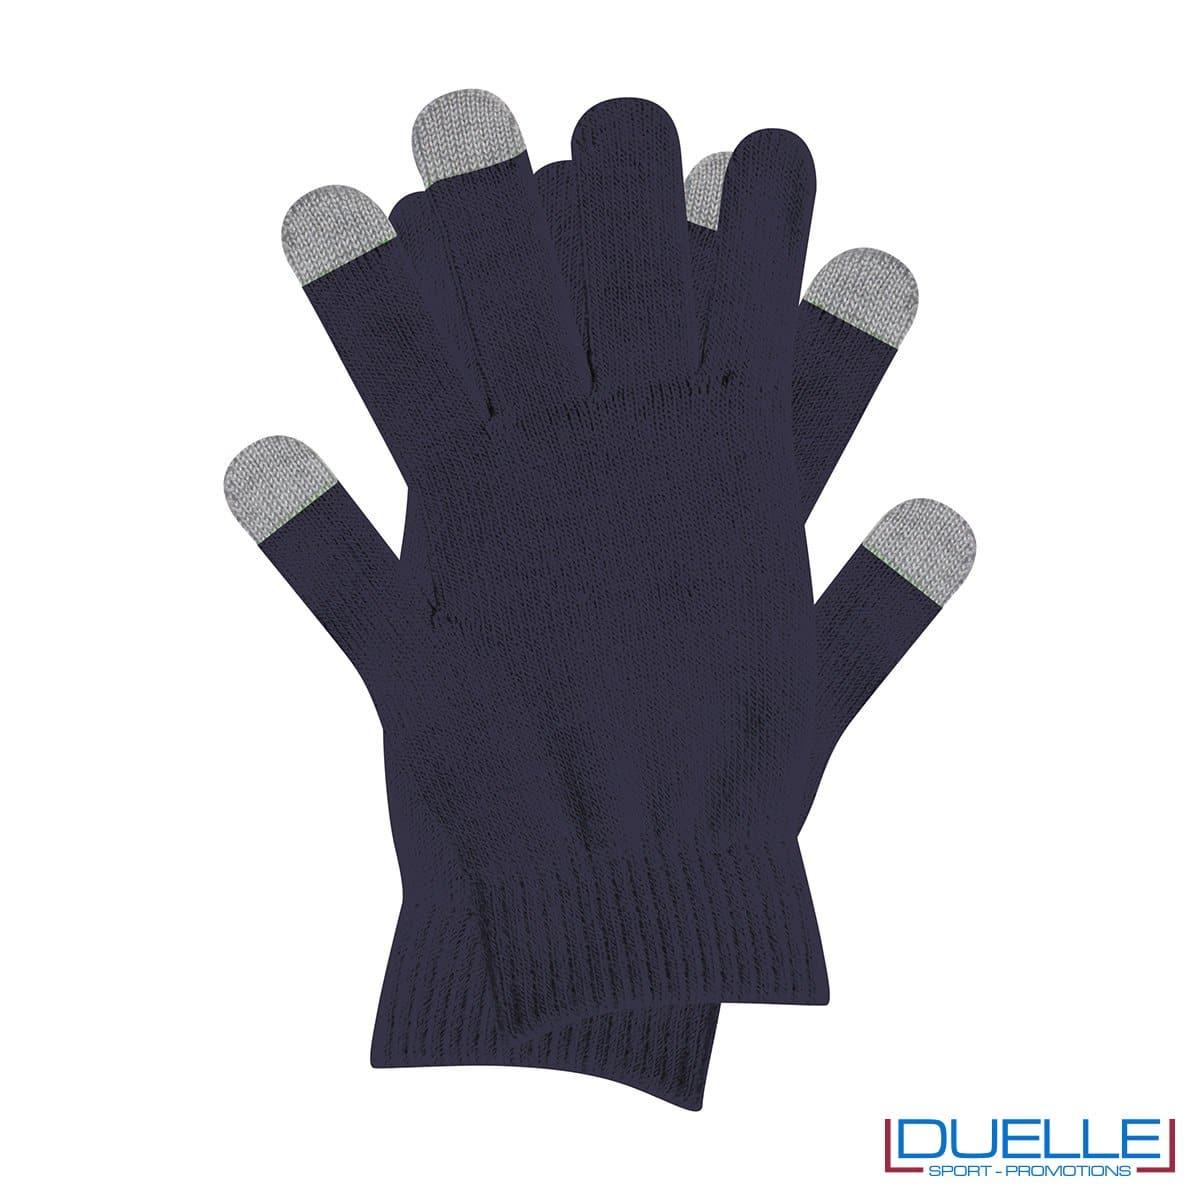 guanti touch screen personalizzati in colore blu navy